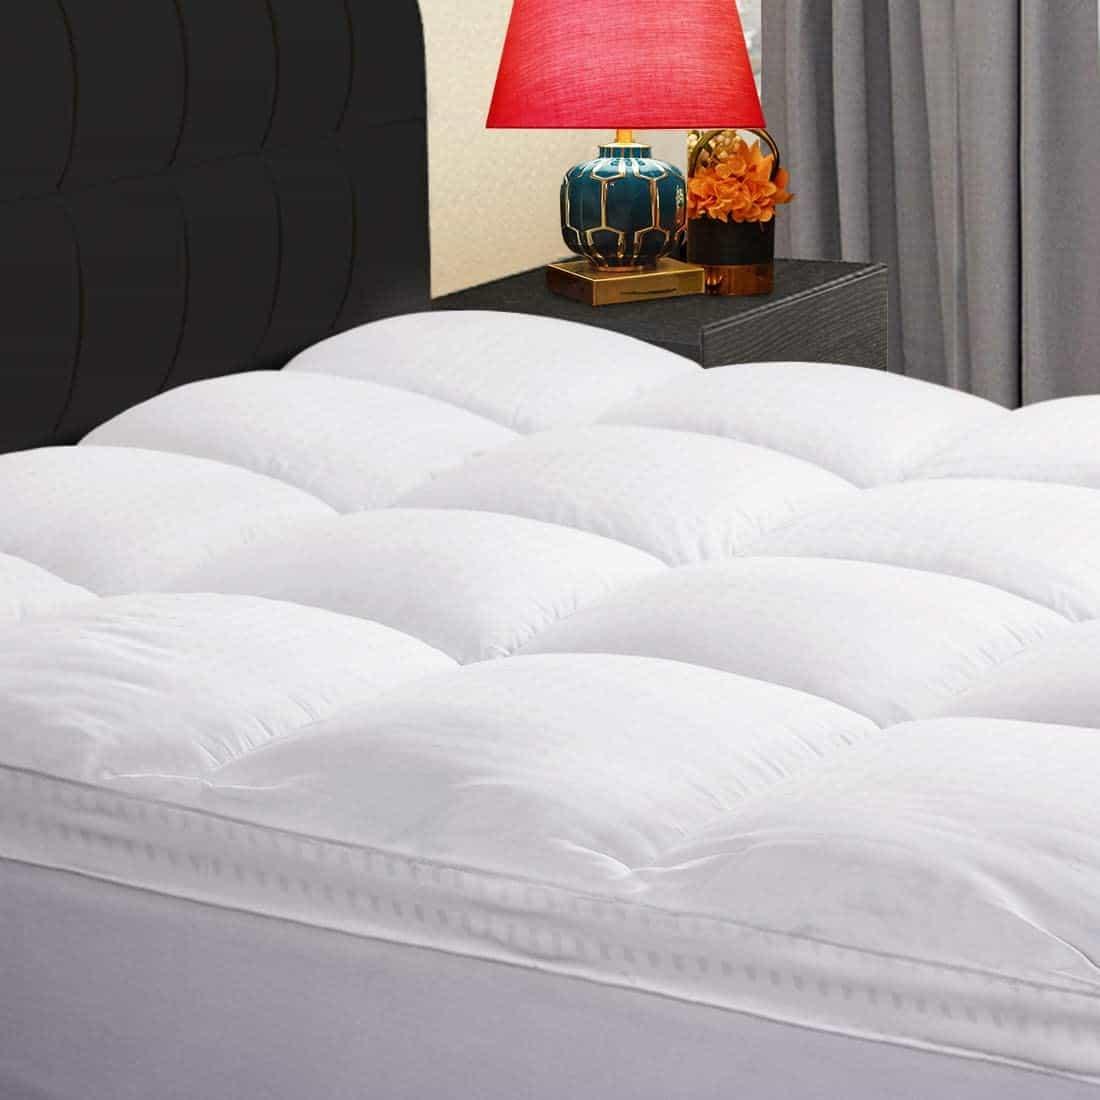 dorm mattress topper